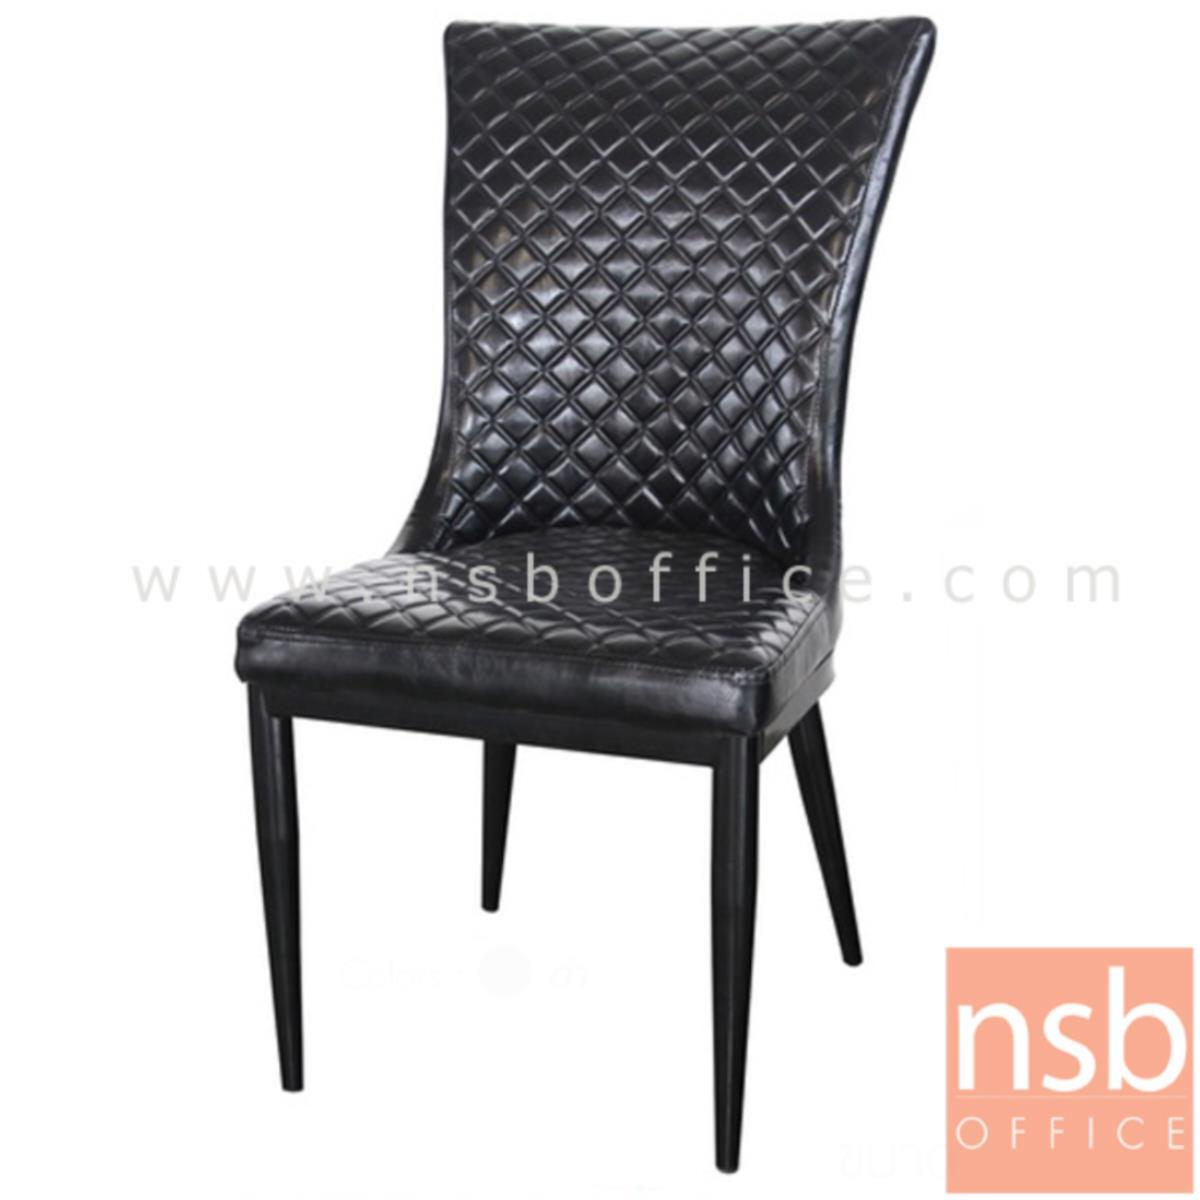 B22A120:เก้าอี้โมเดิร์นหนังเทียม รุ่น Styles (สไตลส์) ขนาด 48W cm. โครงขาเหล็ก